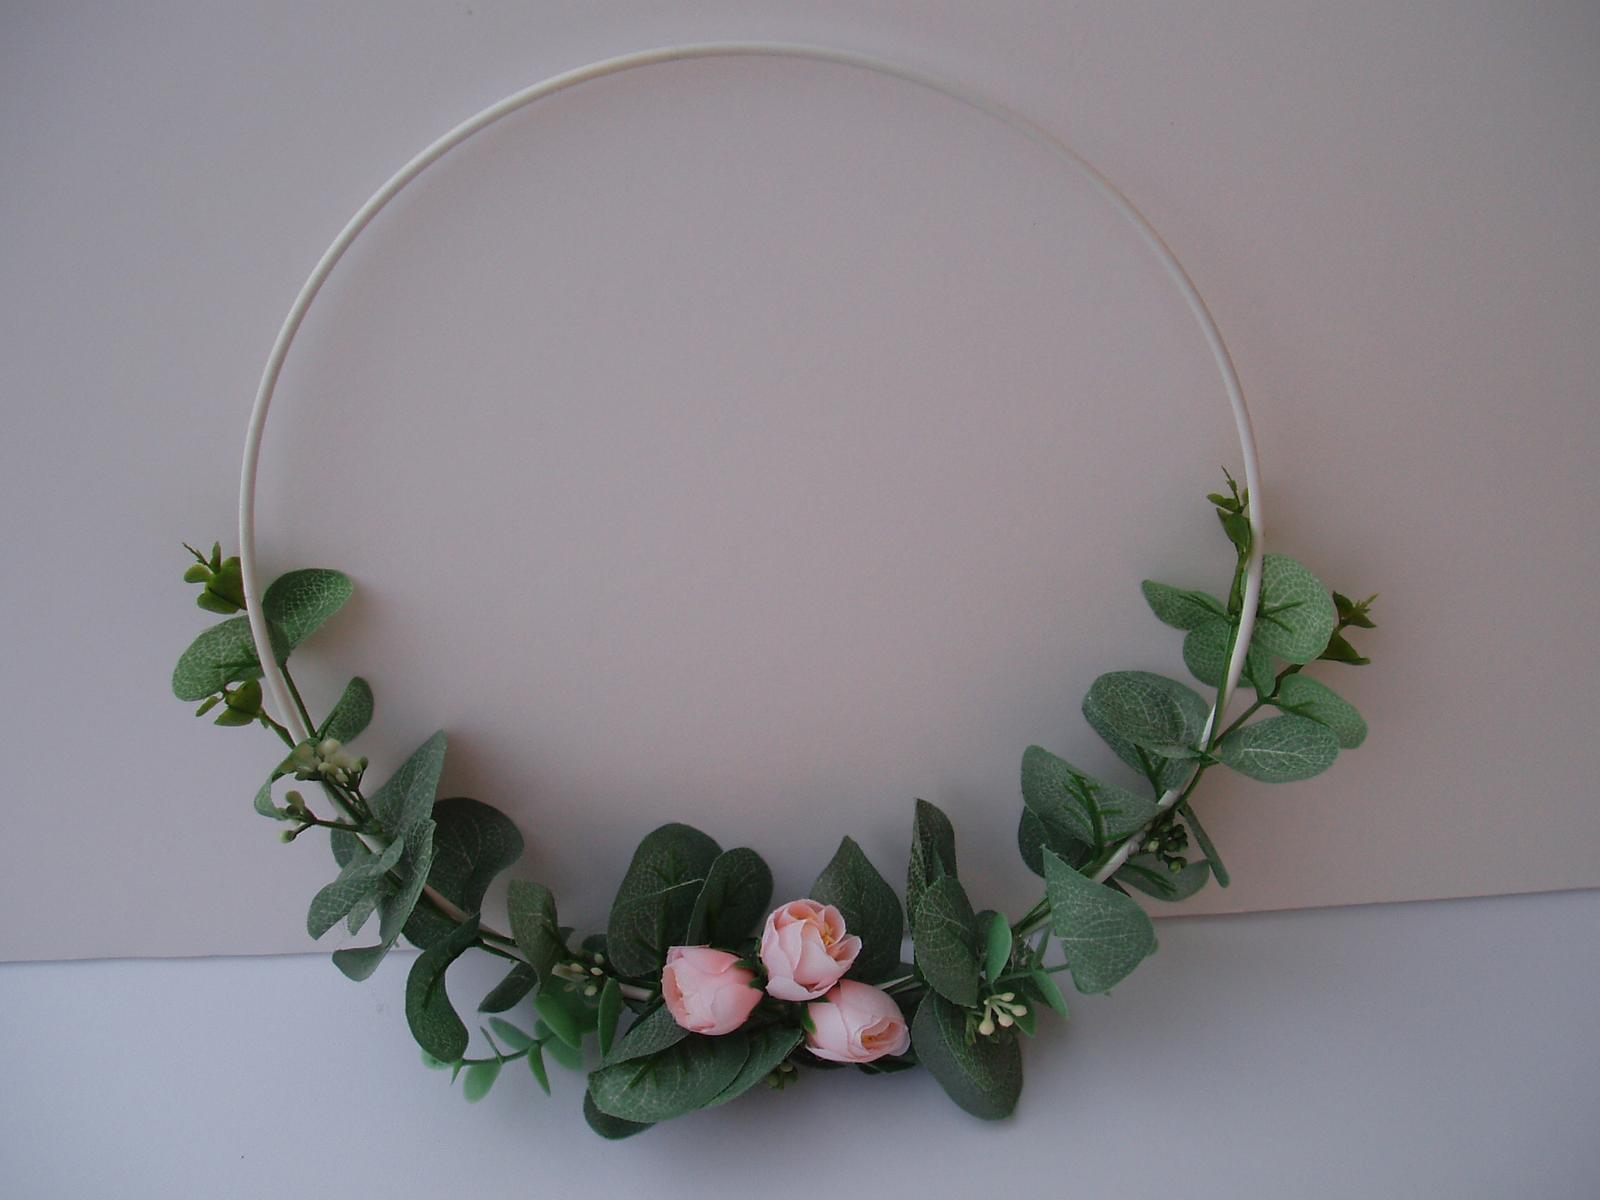 květinový kruh - Obrázek č. 1